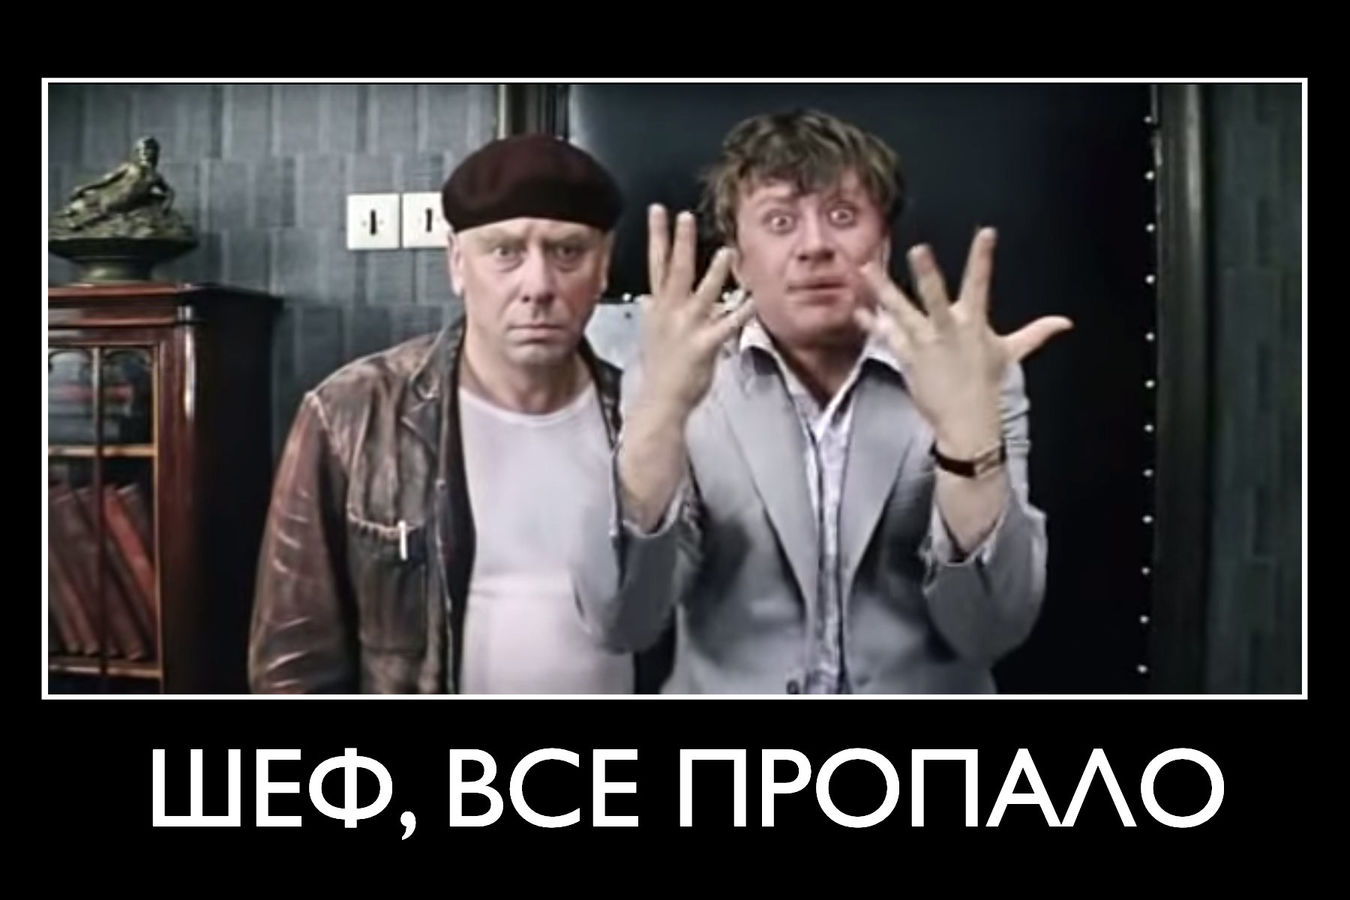 Москва-на-Темзе. Бритстат, сам того не ведая, обнулил мульки российских всепропальщиков. (Счетовод)